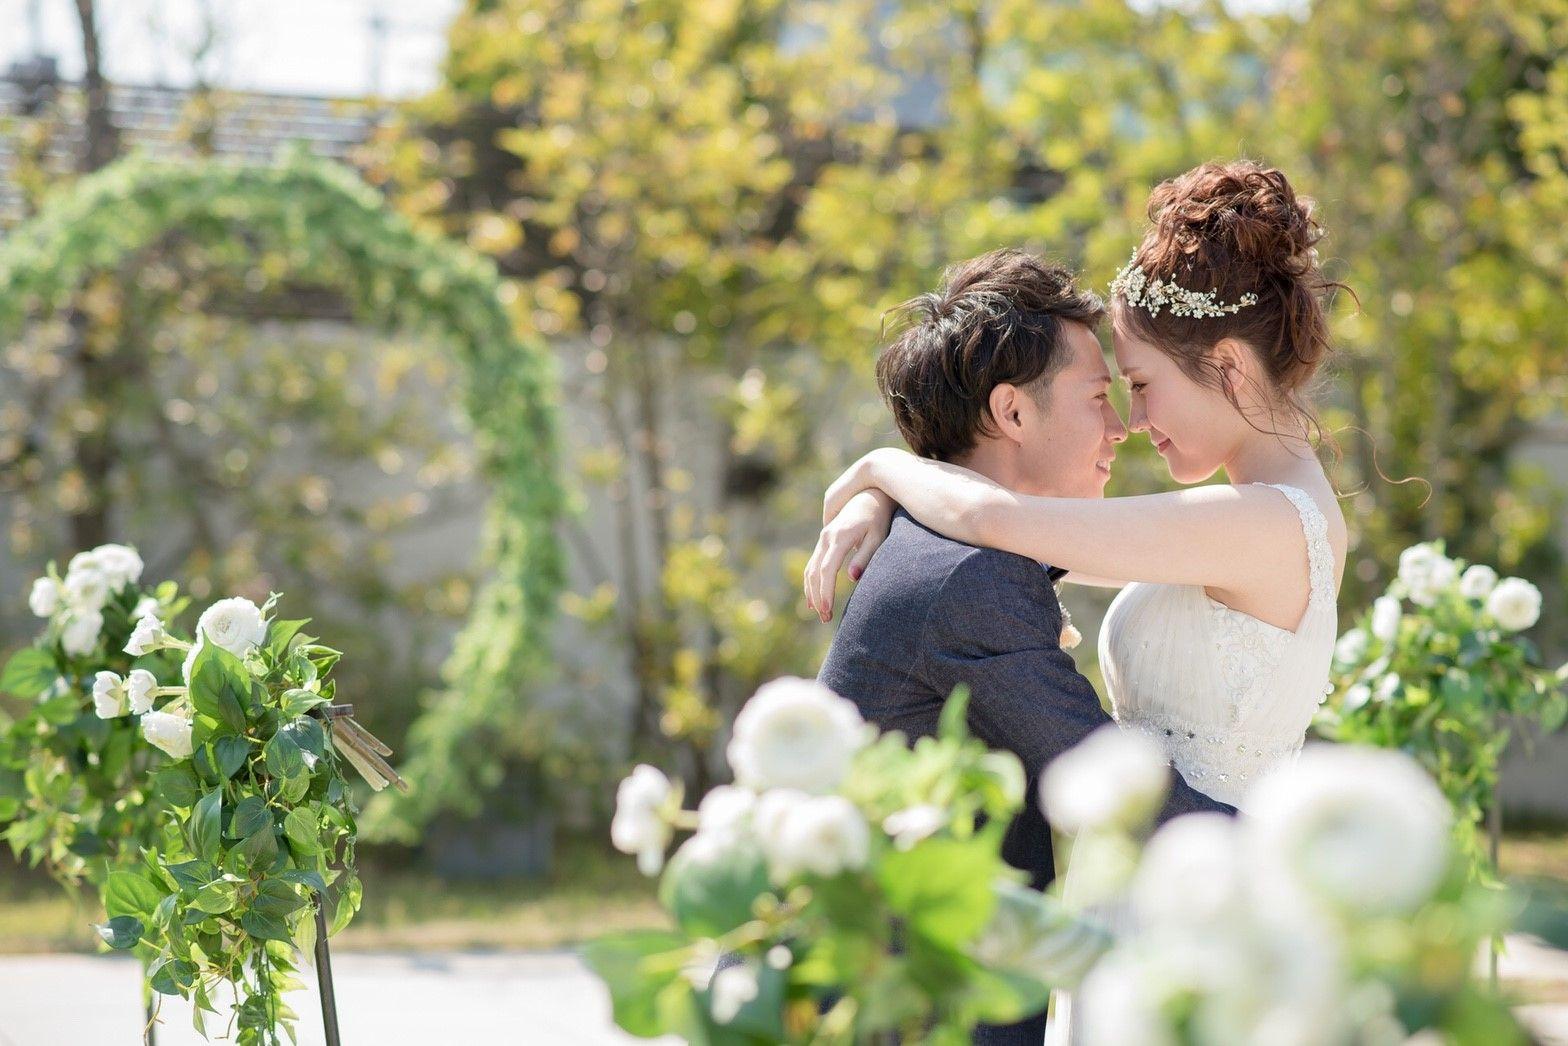 香川県の人気の結婚式場のシェルエメール&アイスタイルのガーデン